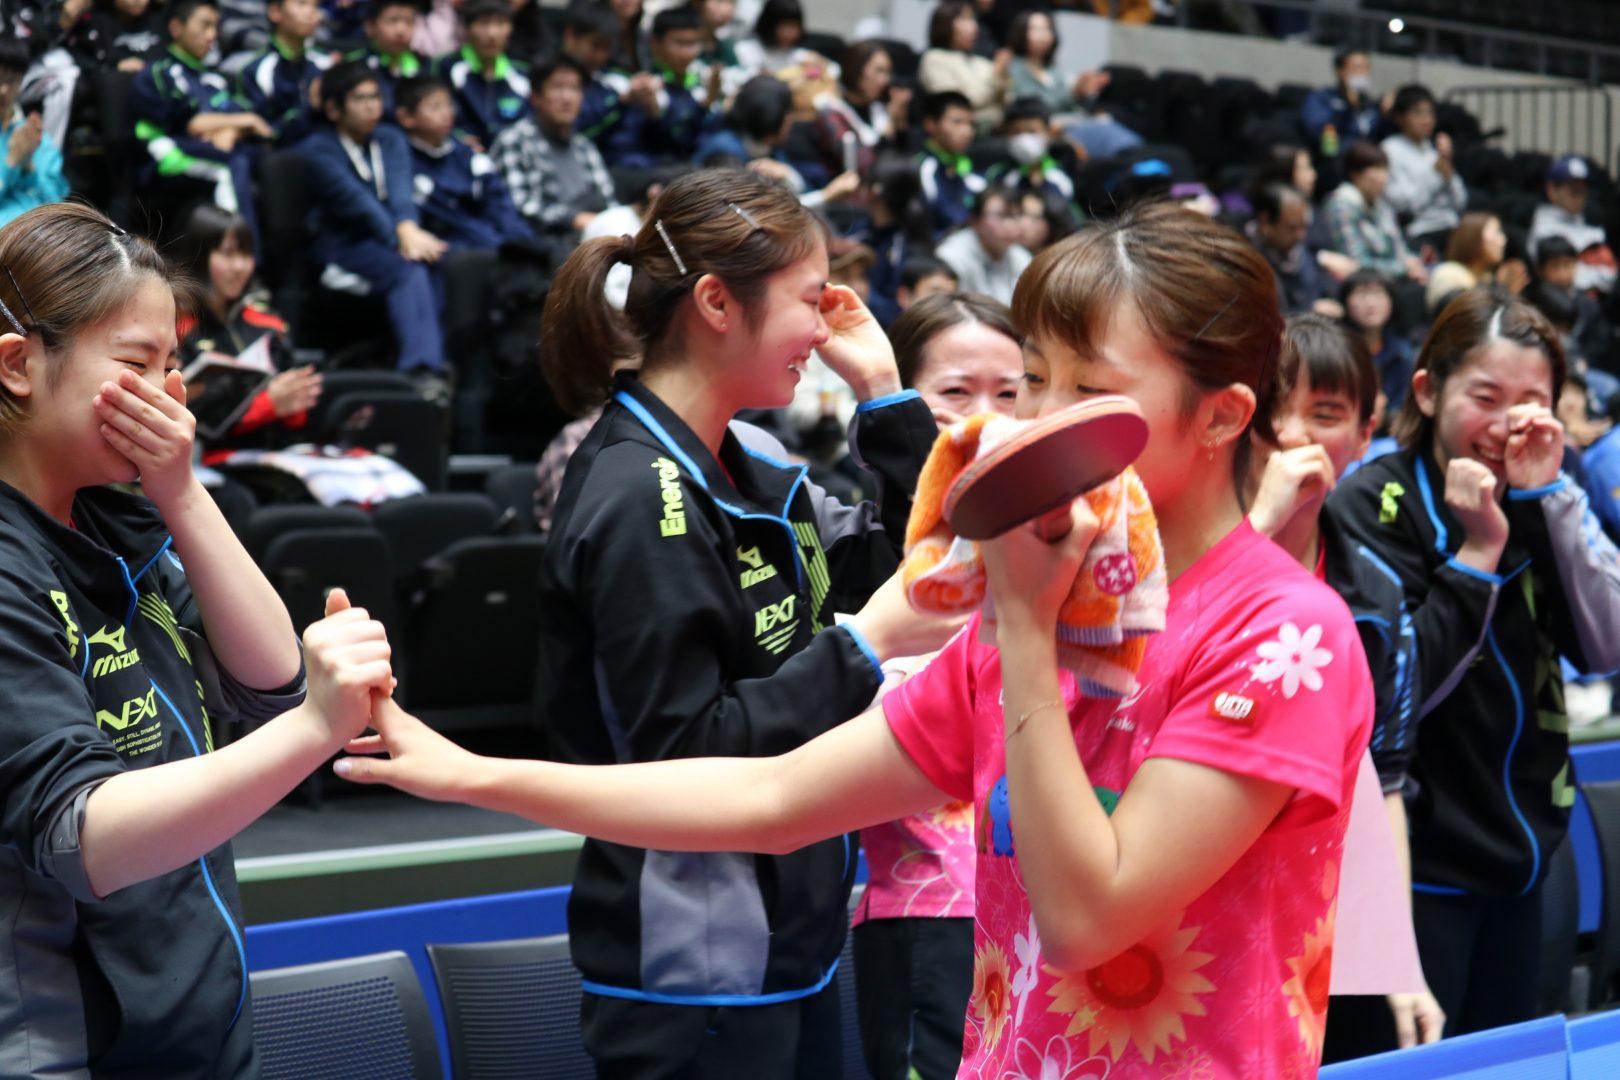 【卓球】中国電力が悲願の初優勝<内閣総理大臣杯 日本リーグプレーオフ2018女子>